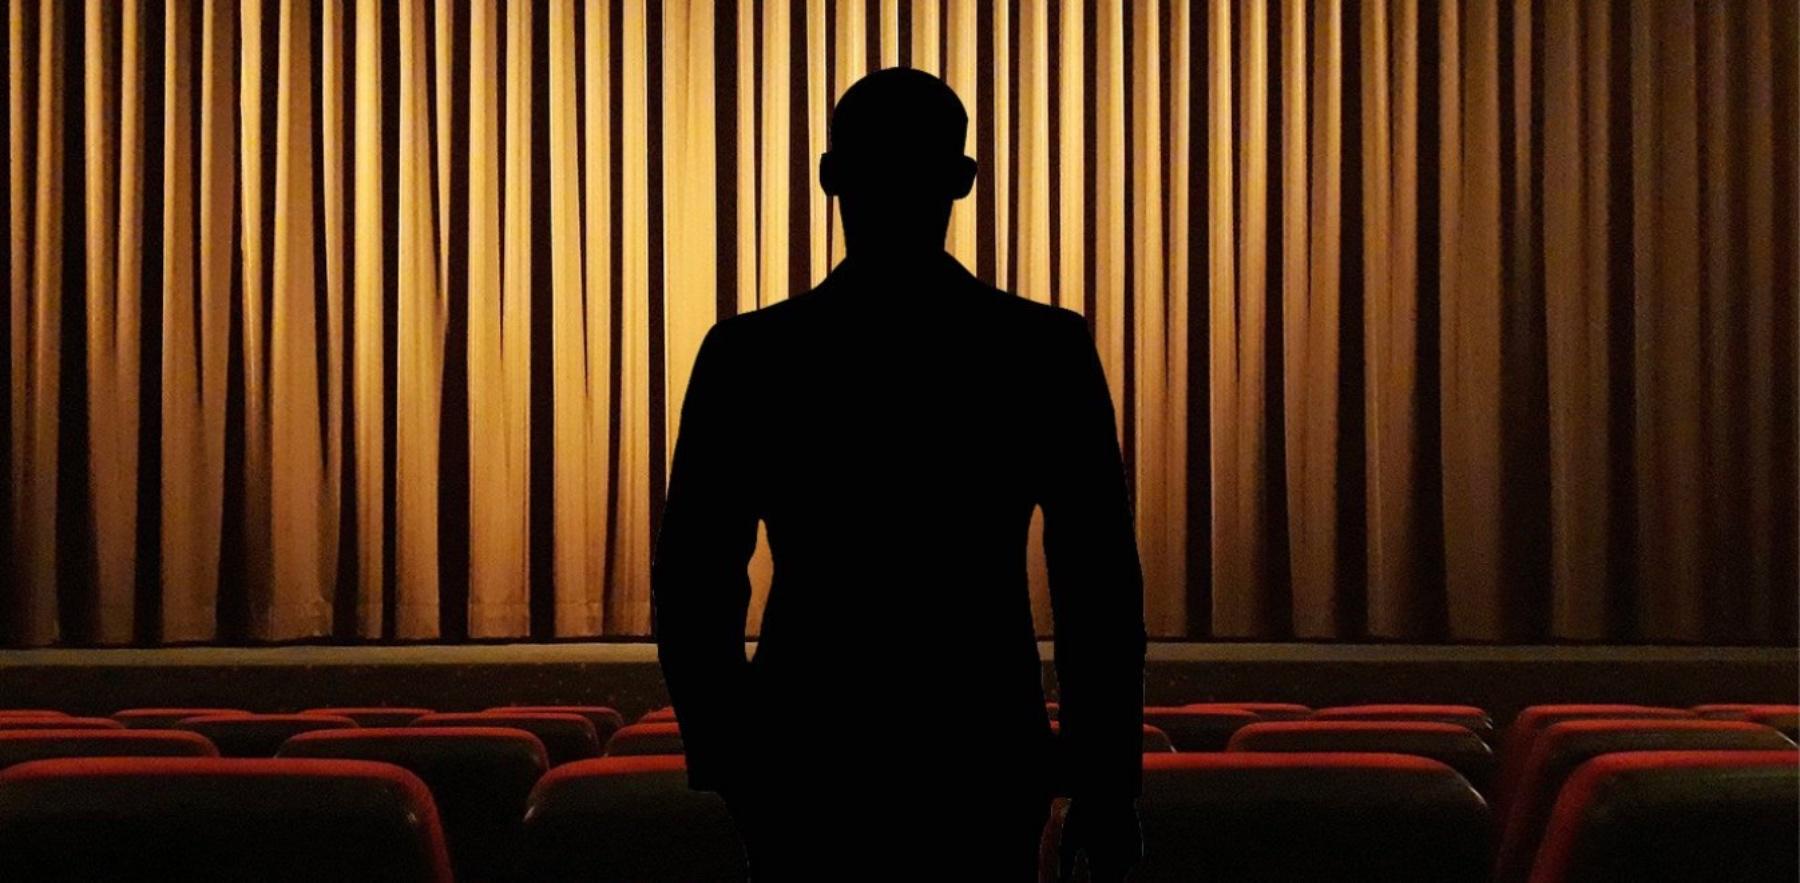 Ηθοποιός: Νέα καταγγελία για 65χρονο –  Σεξουαλικές επιθέσεις μέσα σε καμαρίνια